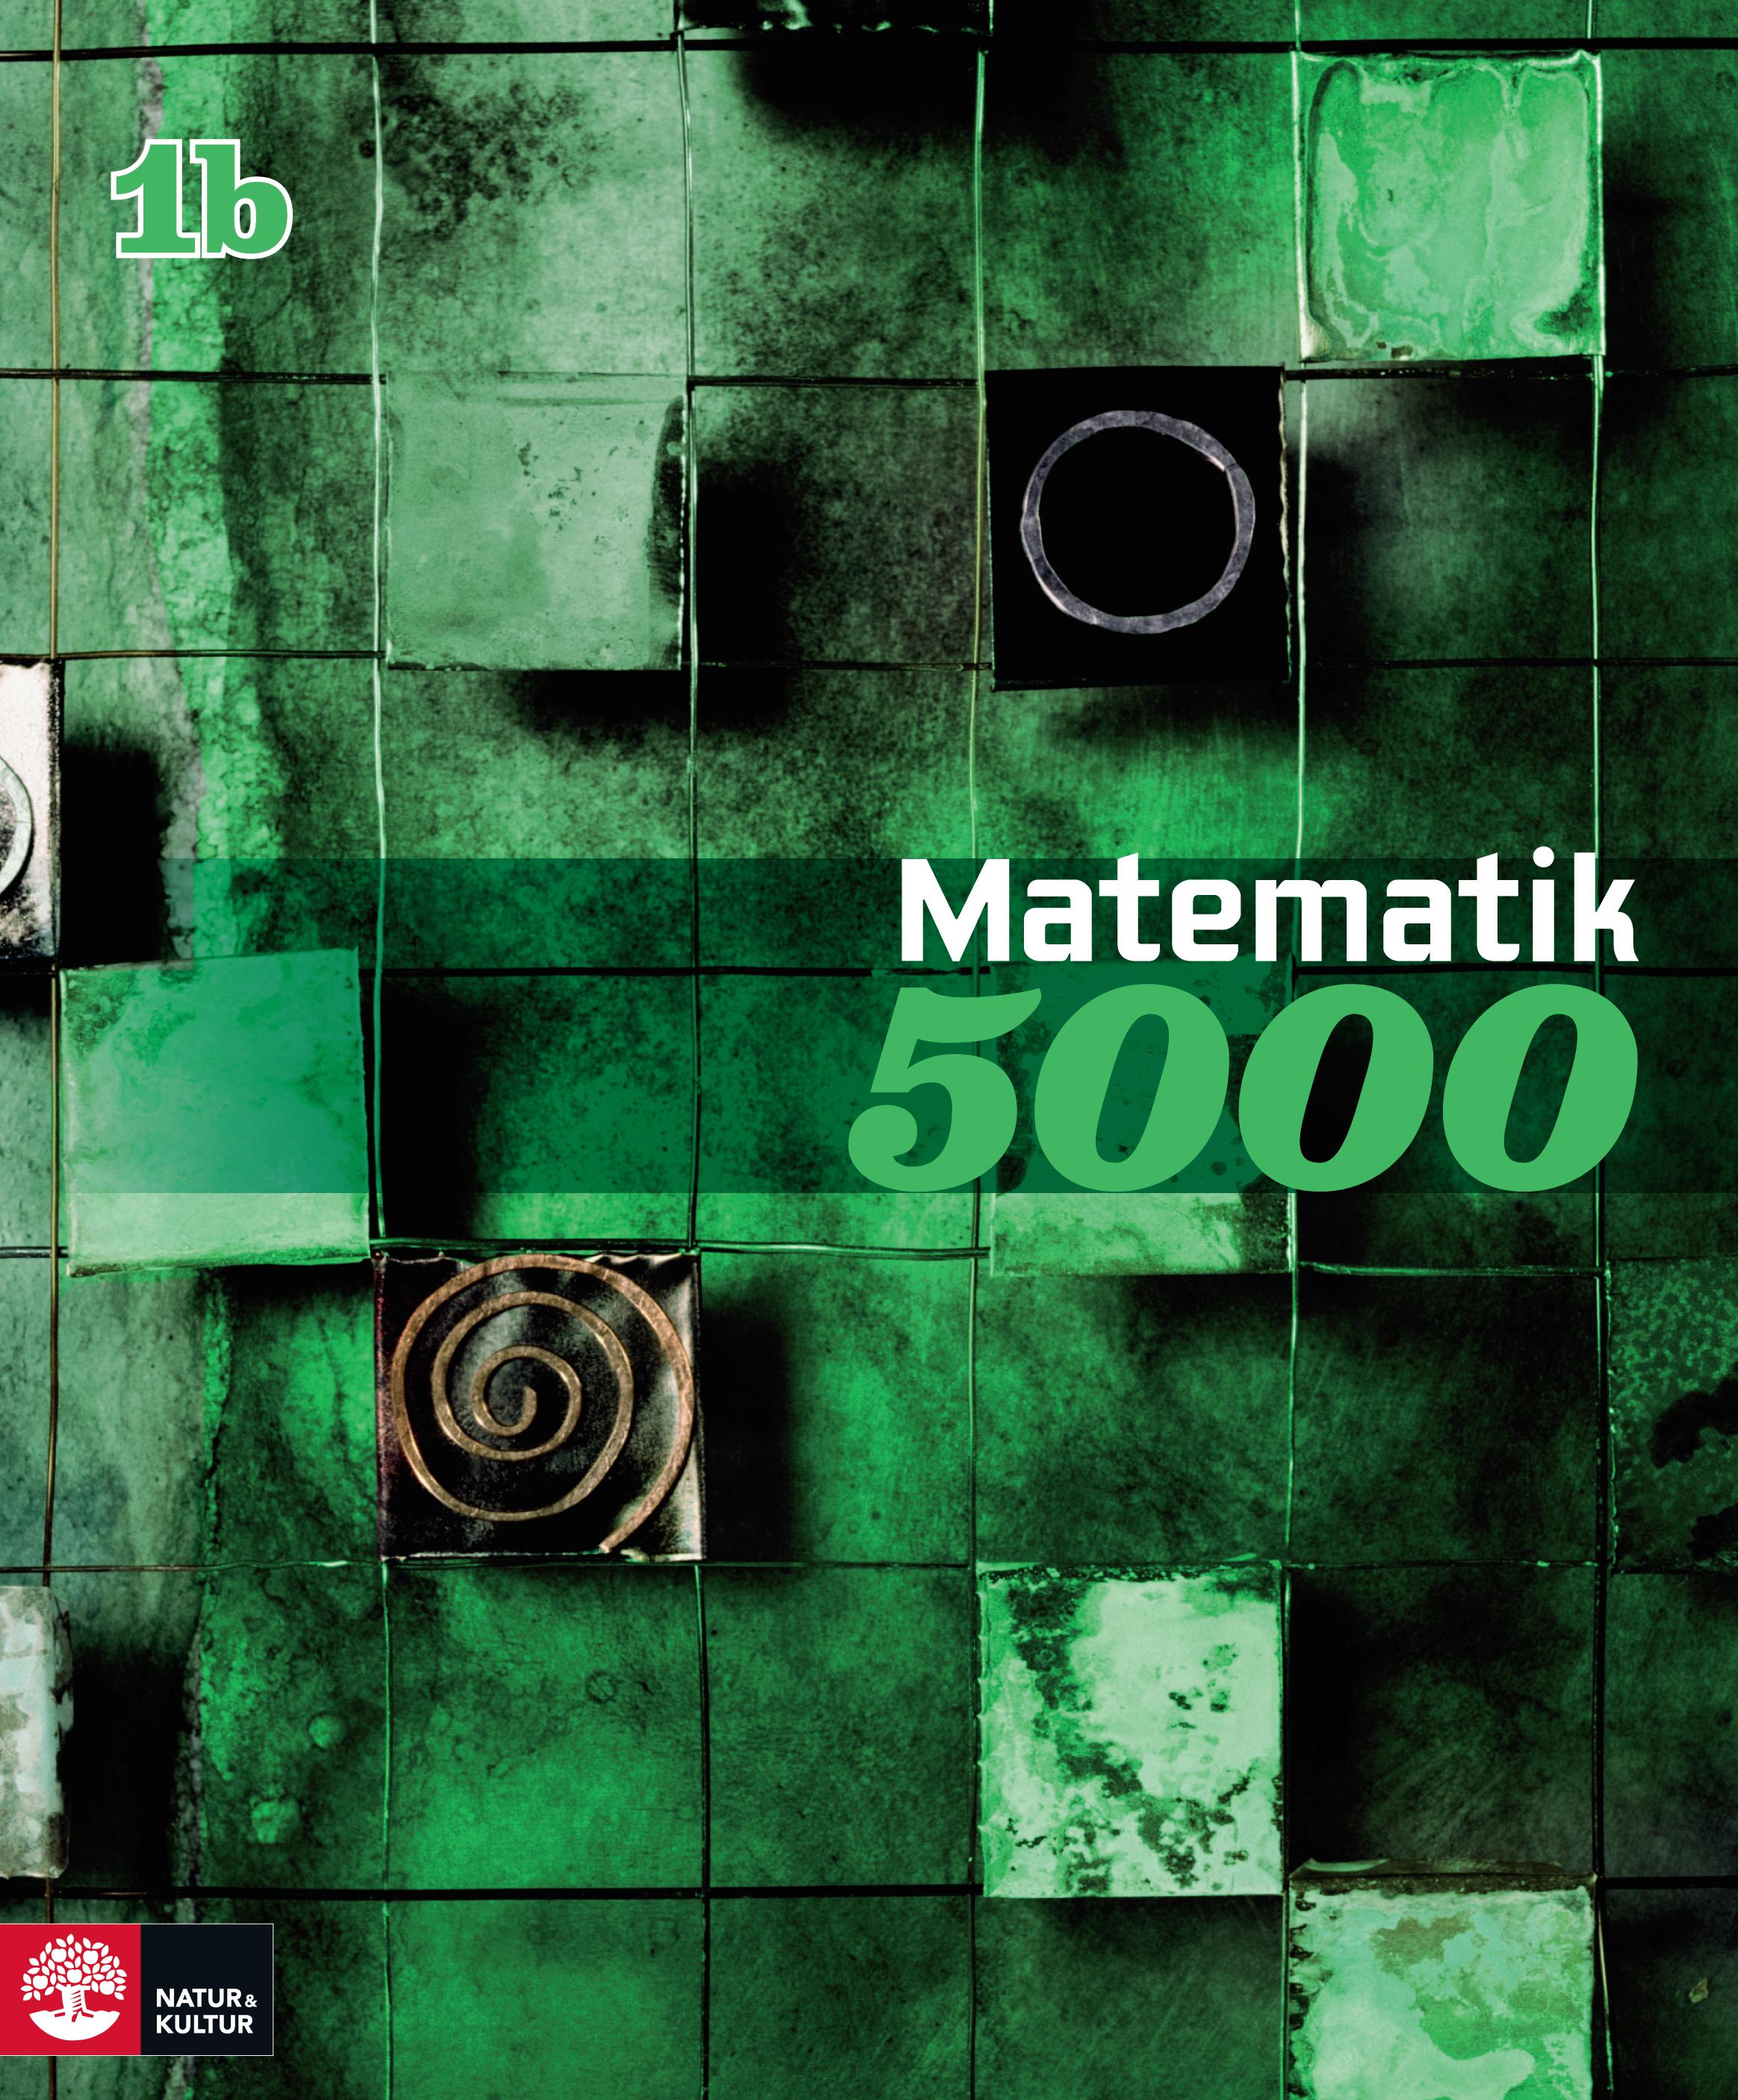 Matematik 5000 Kurs 1b Grön lärobok.